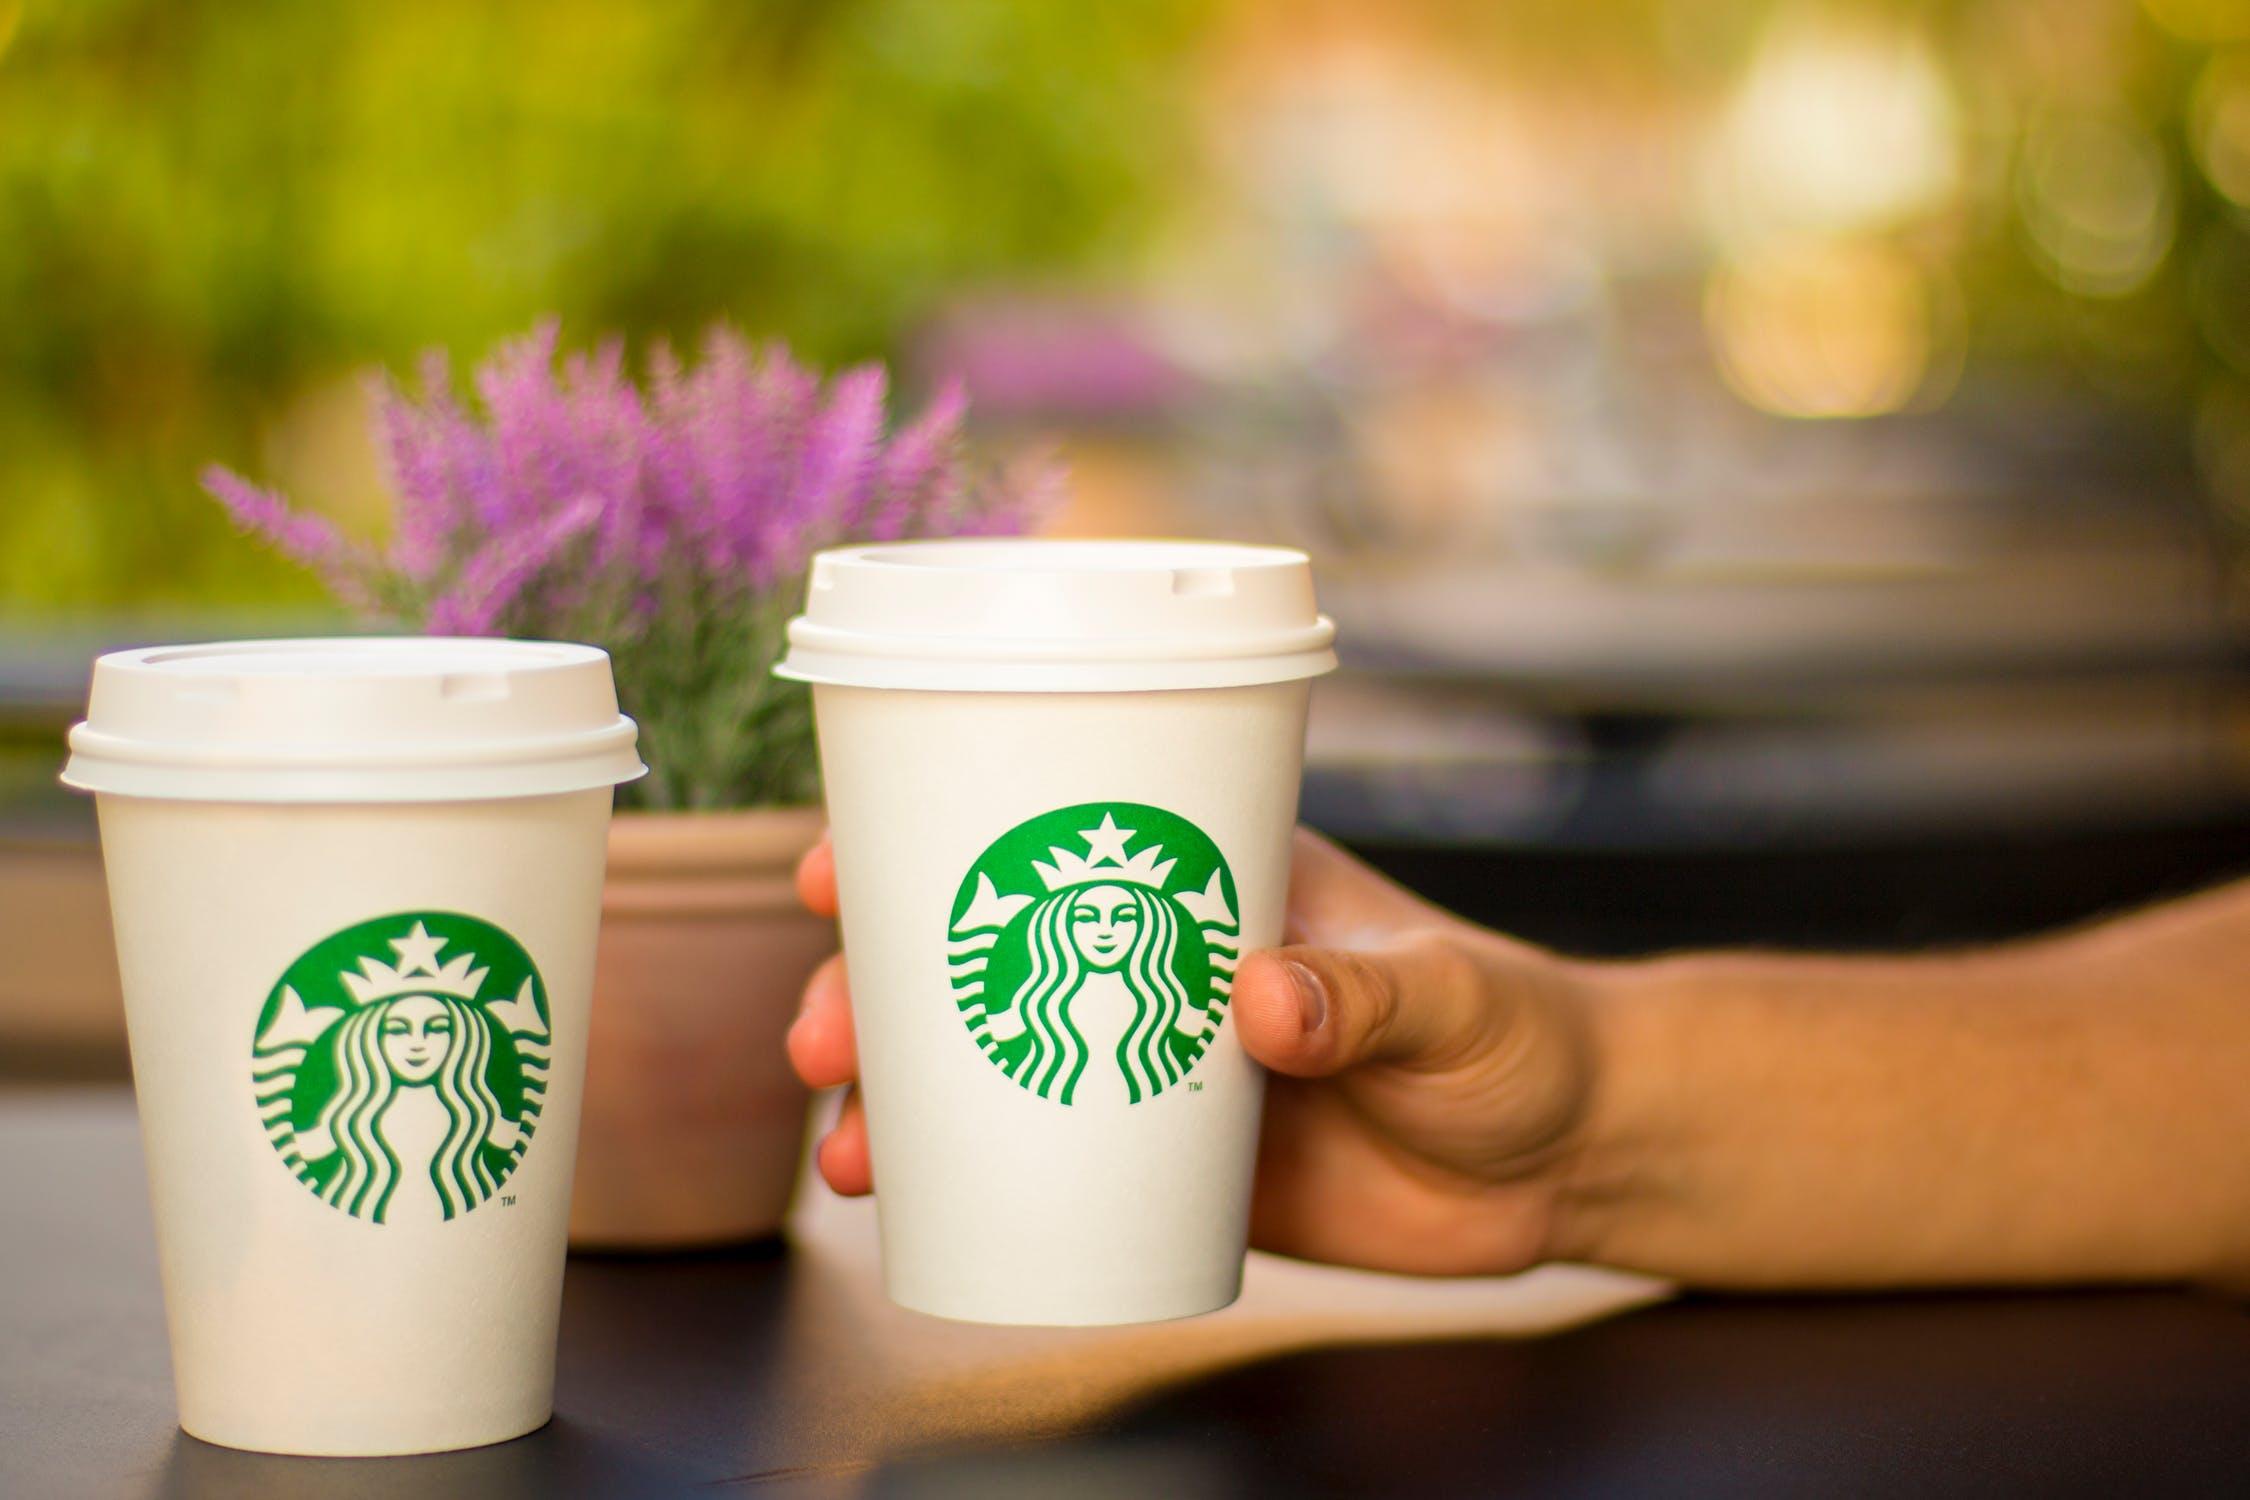 6月份的咖啡好友分享日的日程出來囉,只要於活動當日購買兩杯容量/冰熱/口味皆一致的飲料,其中一杯由星巴克招待! 快邀約你的好友,一起來喝你們最愛的飲料吧。